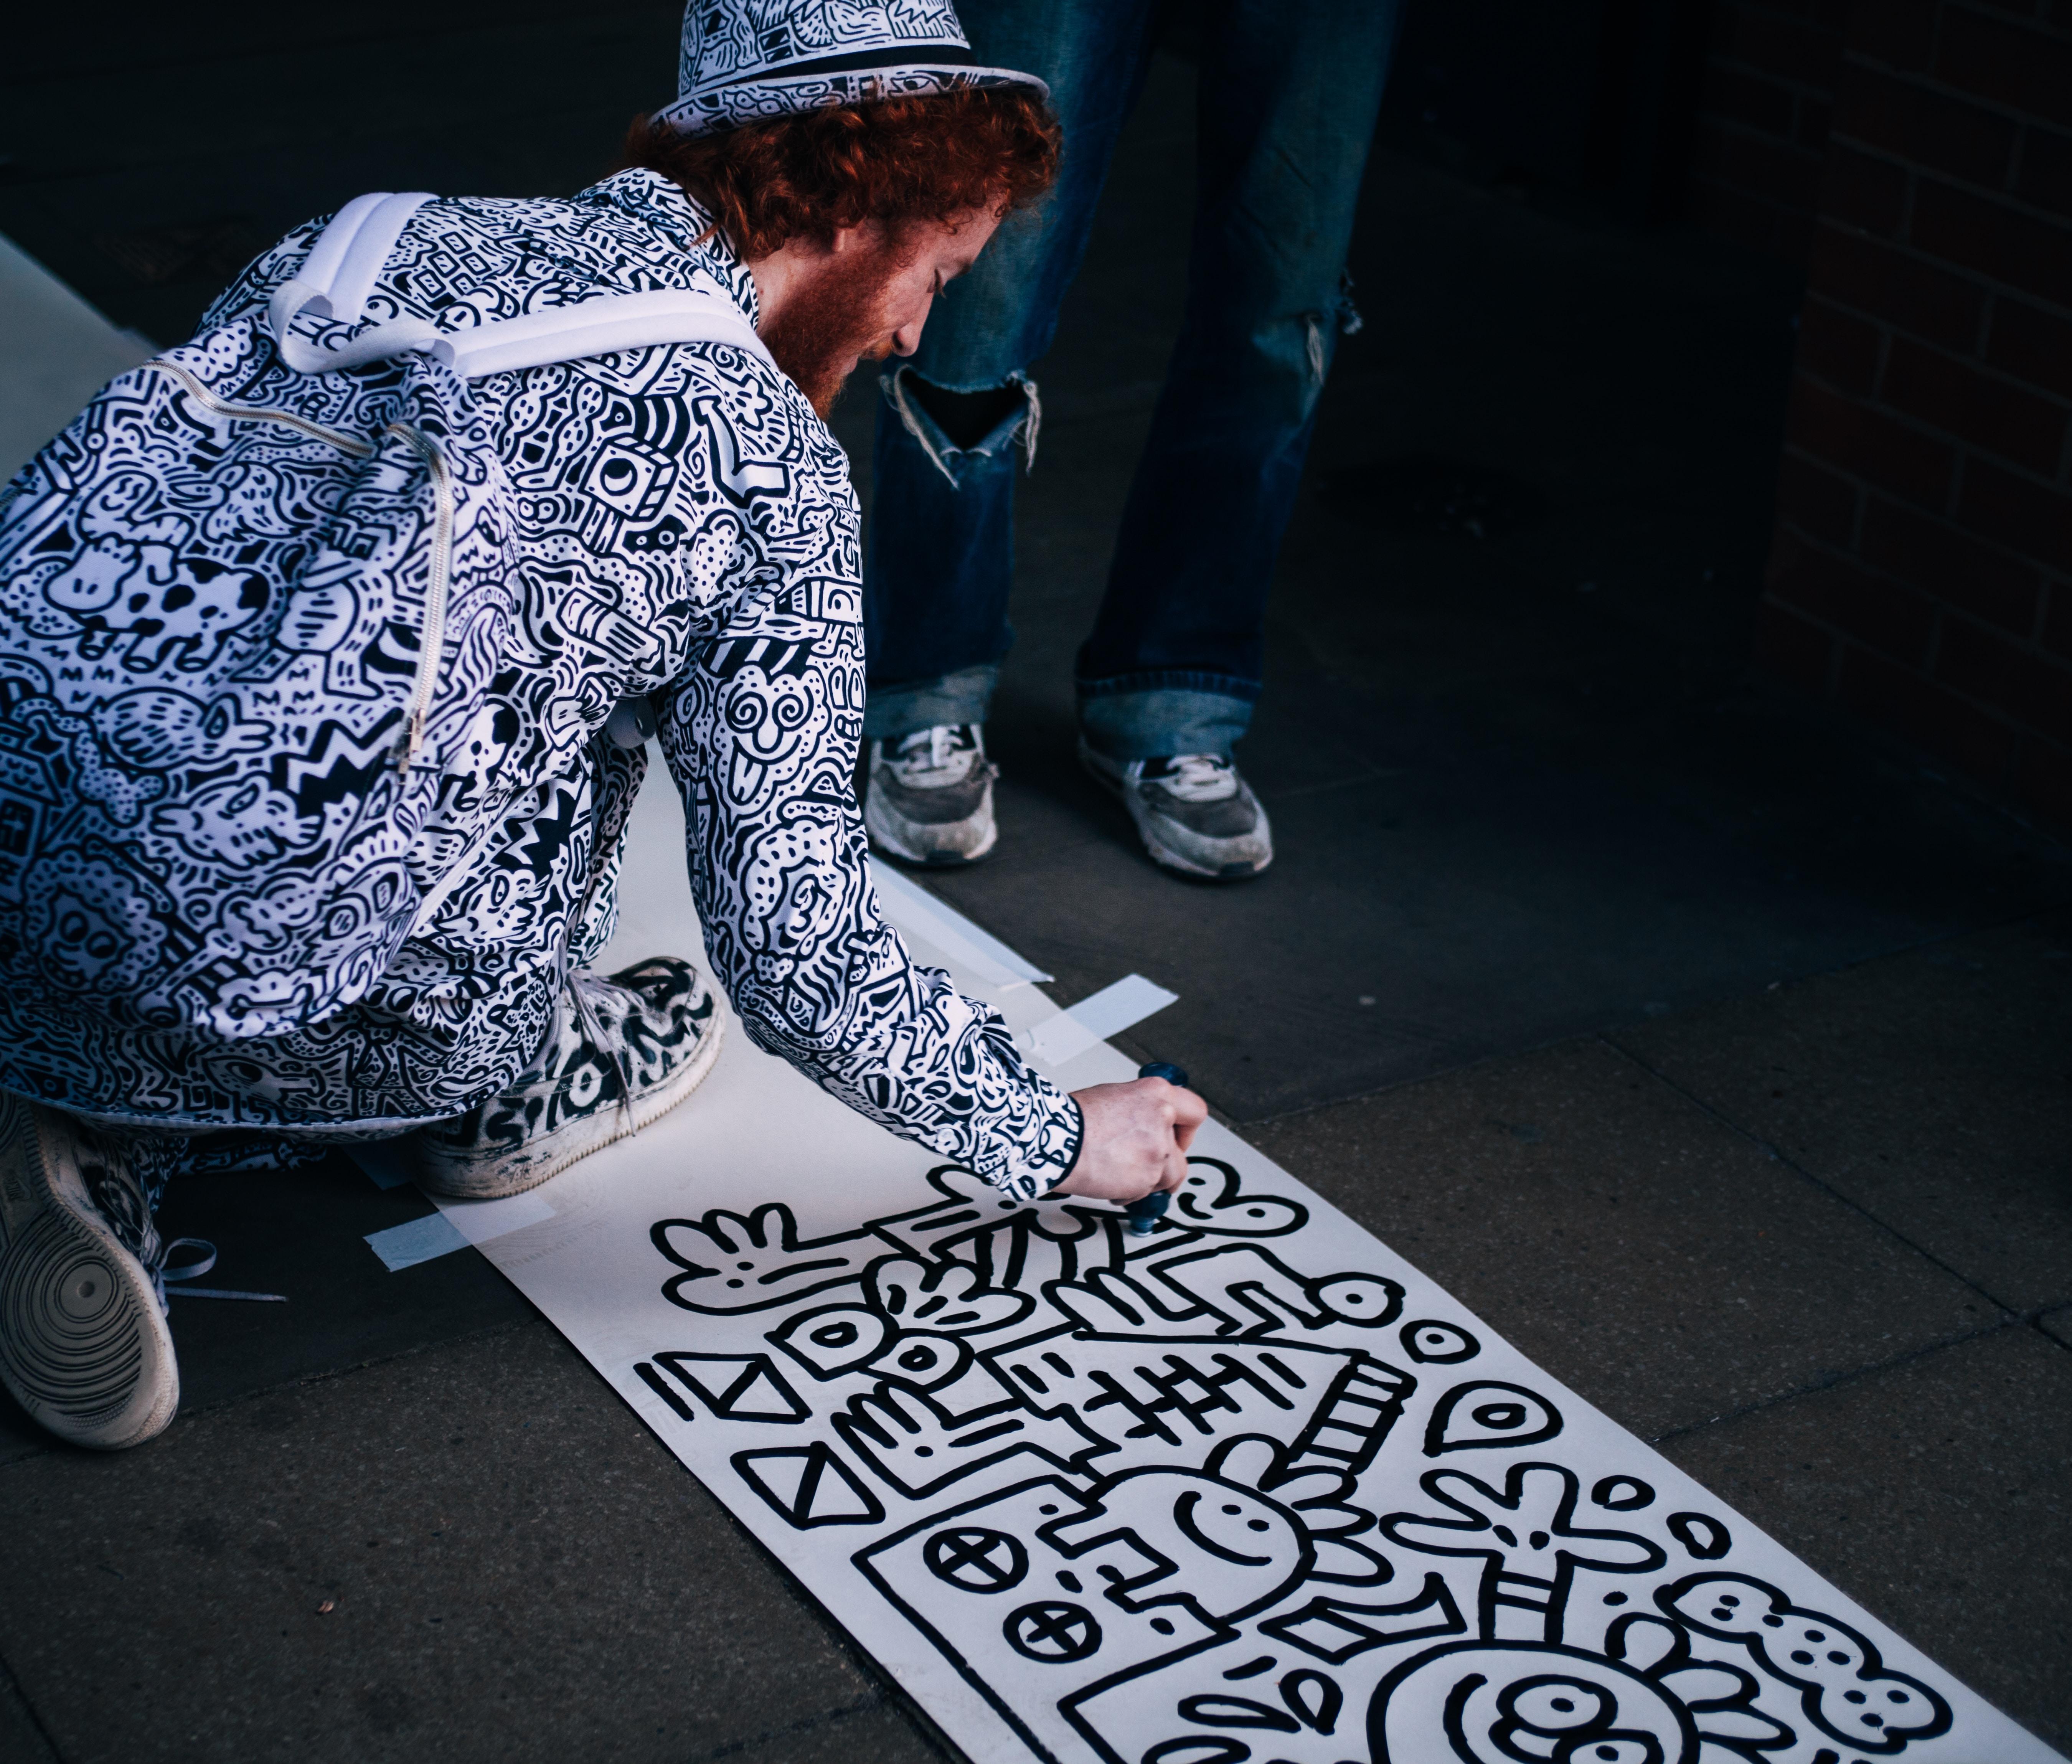 man drawing on white paper while kneeling at daytime